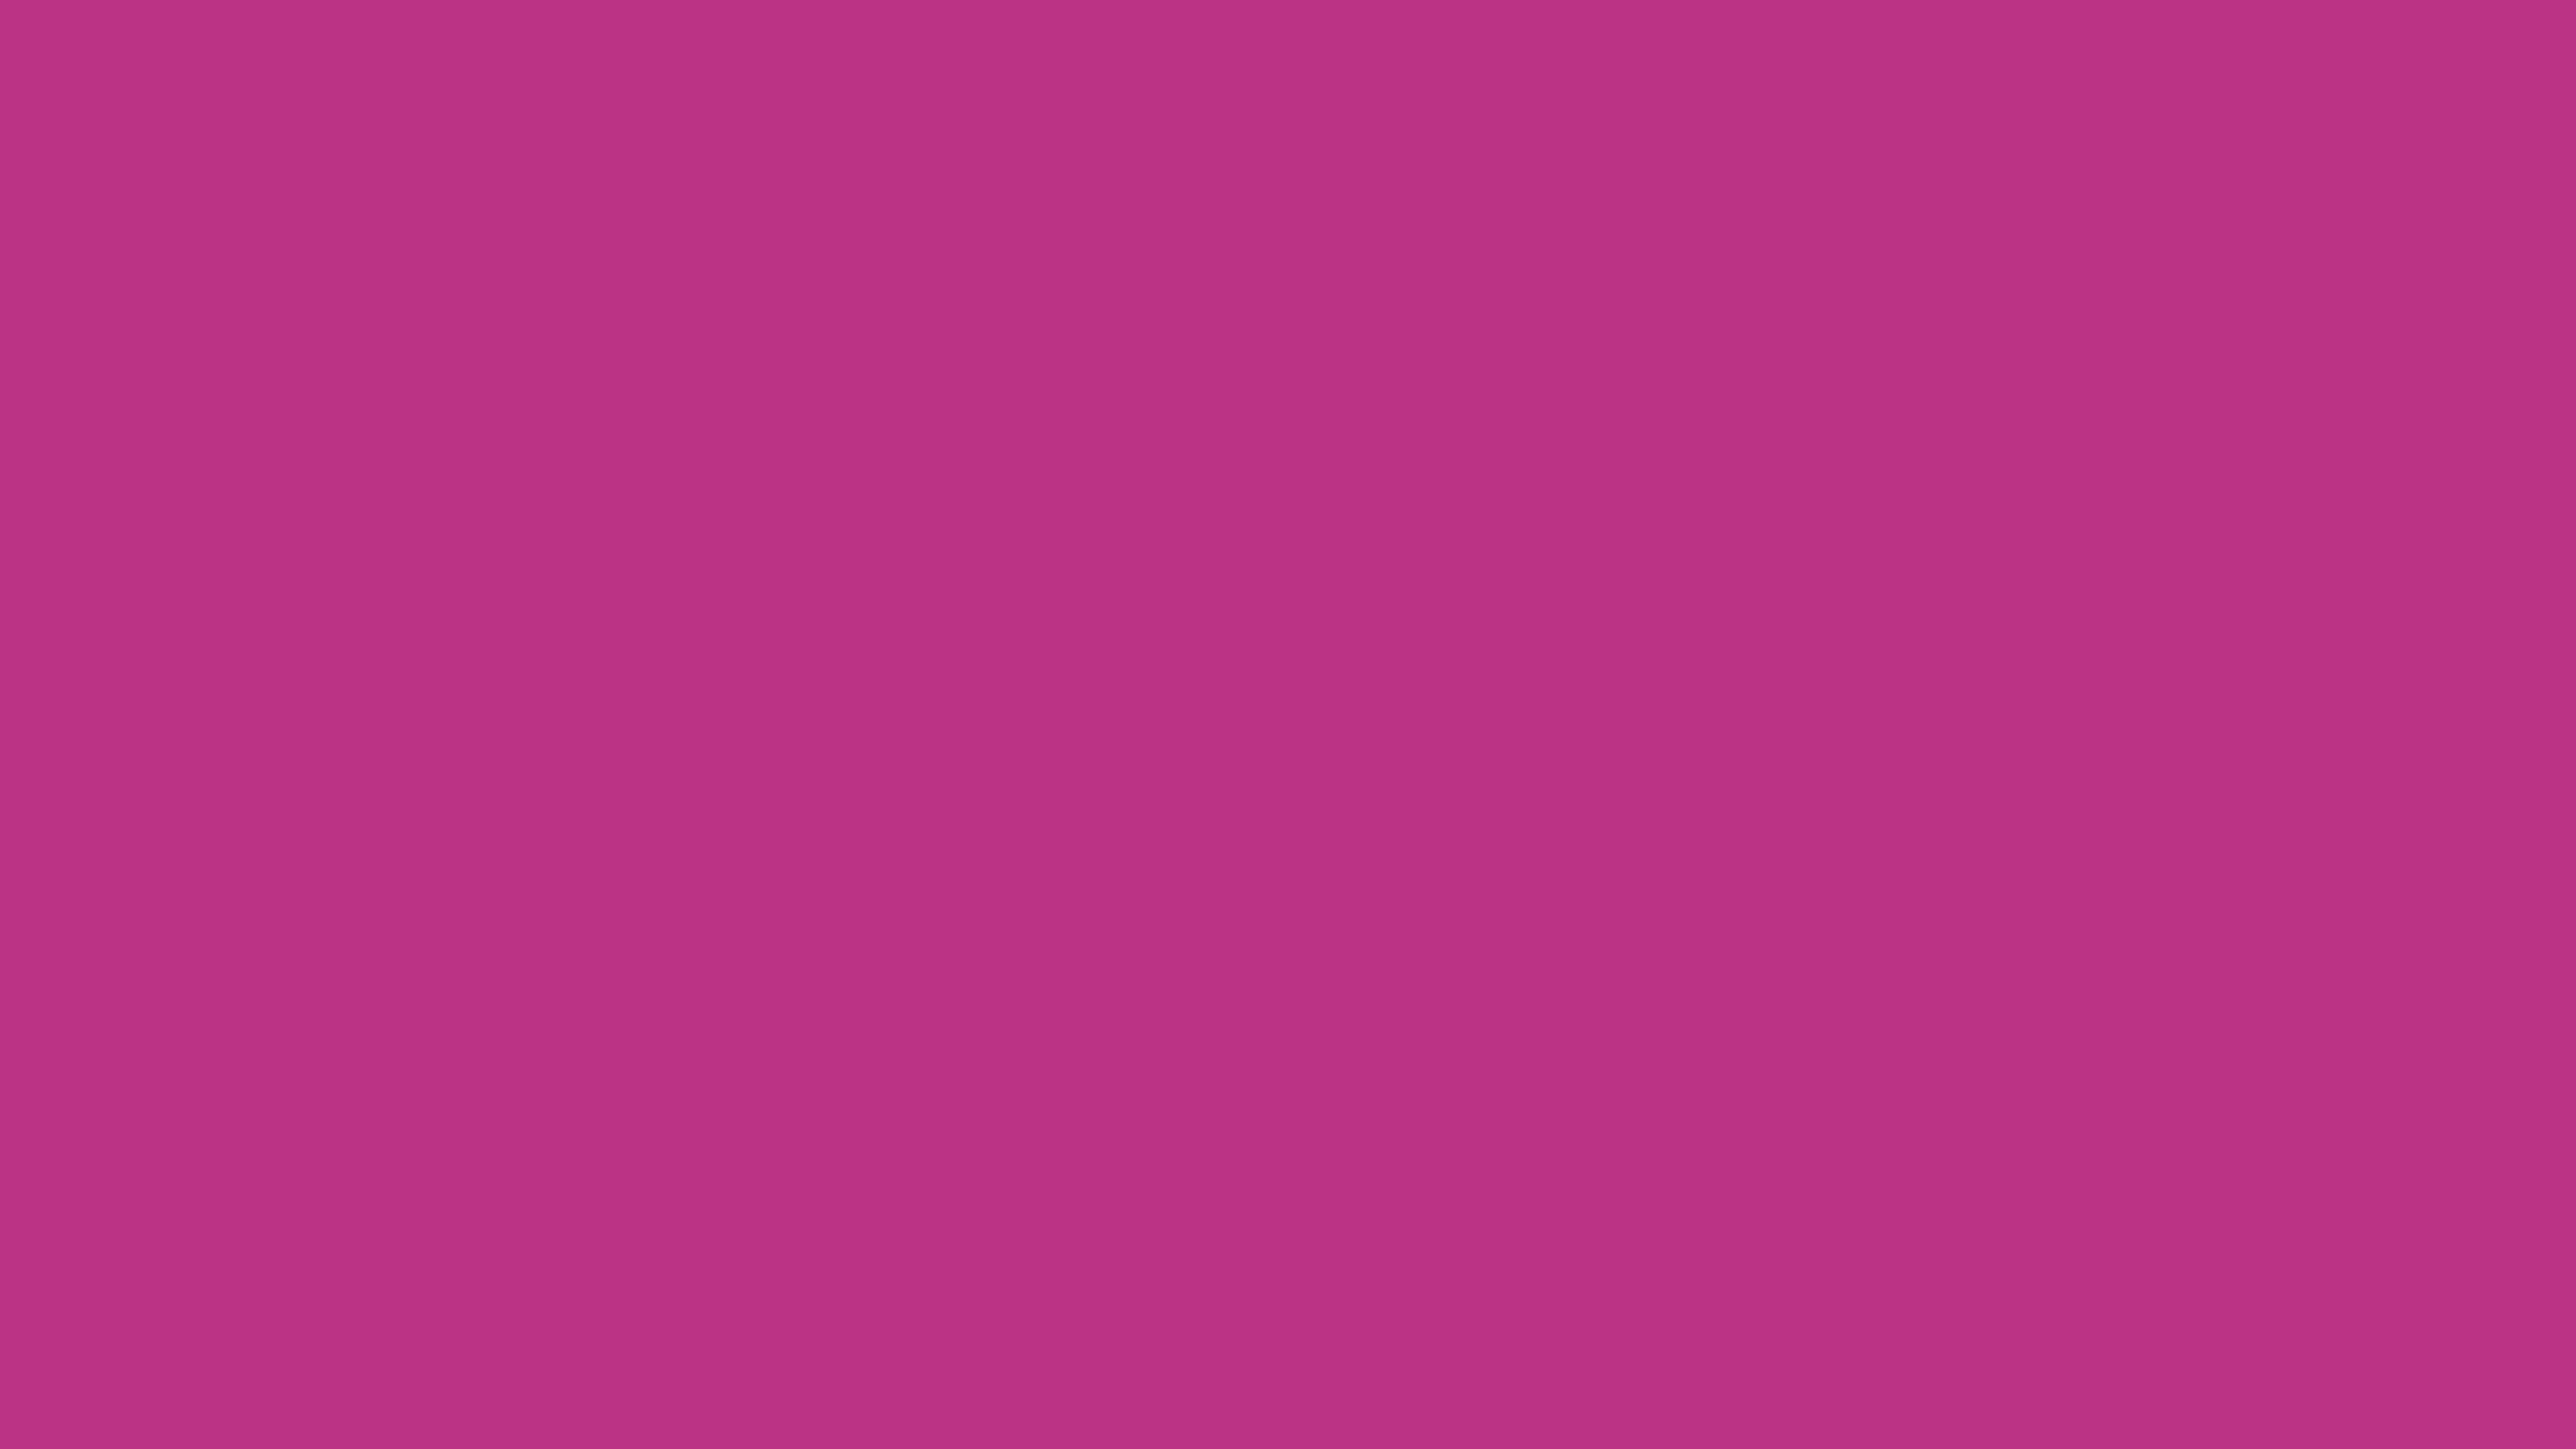 5120x2880 Medium Red-violet Solid Color Background